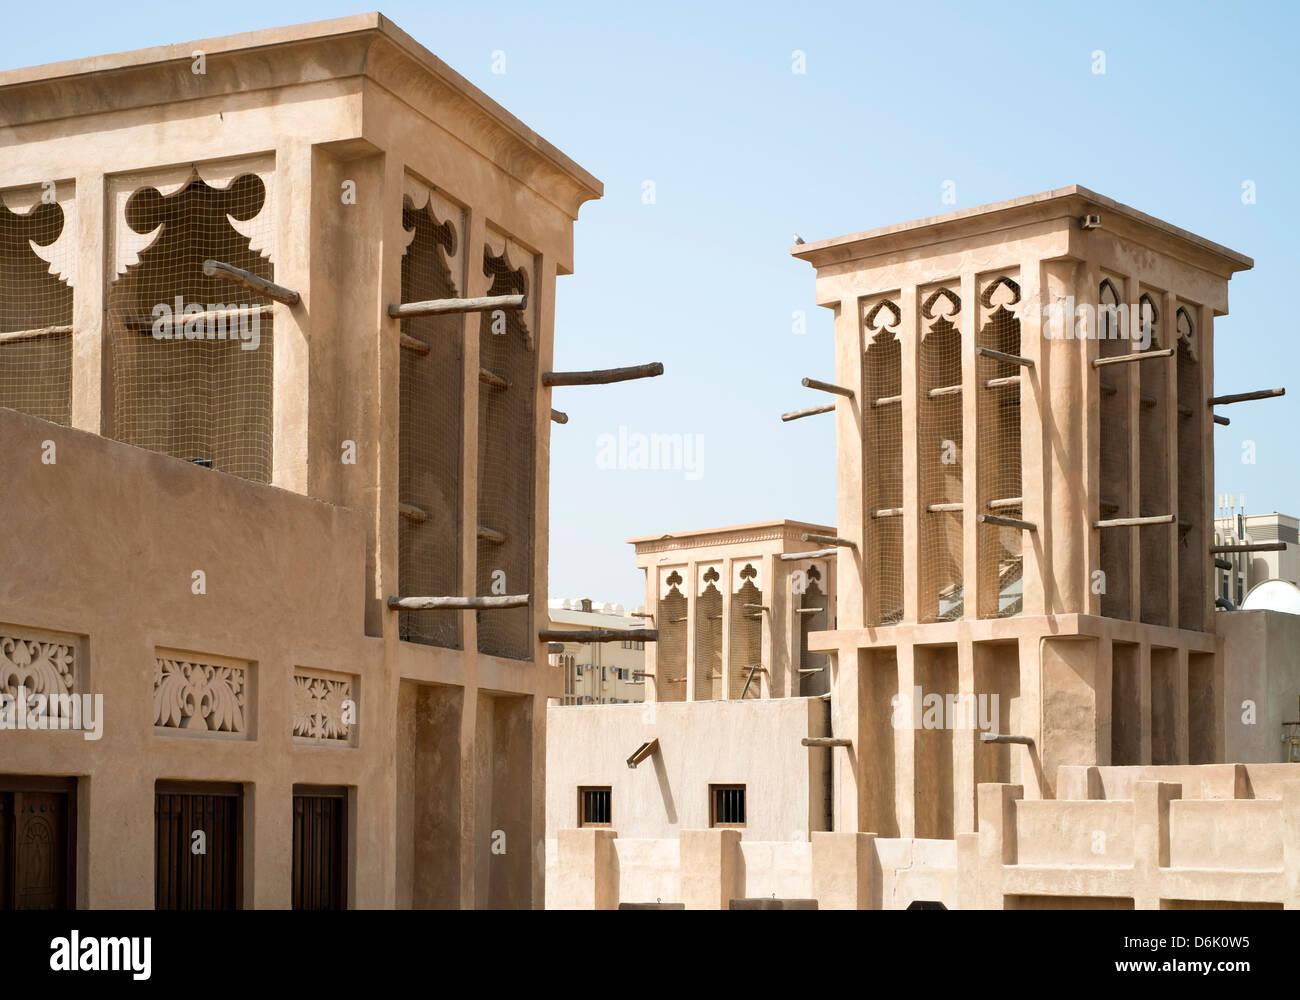 Tradizionale architettura storica con torri del vento in Al Bastakiya storico quartiere di Bur Dubai Emirati Arabi Immagini Stock